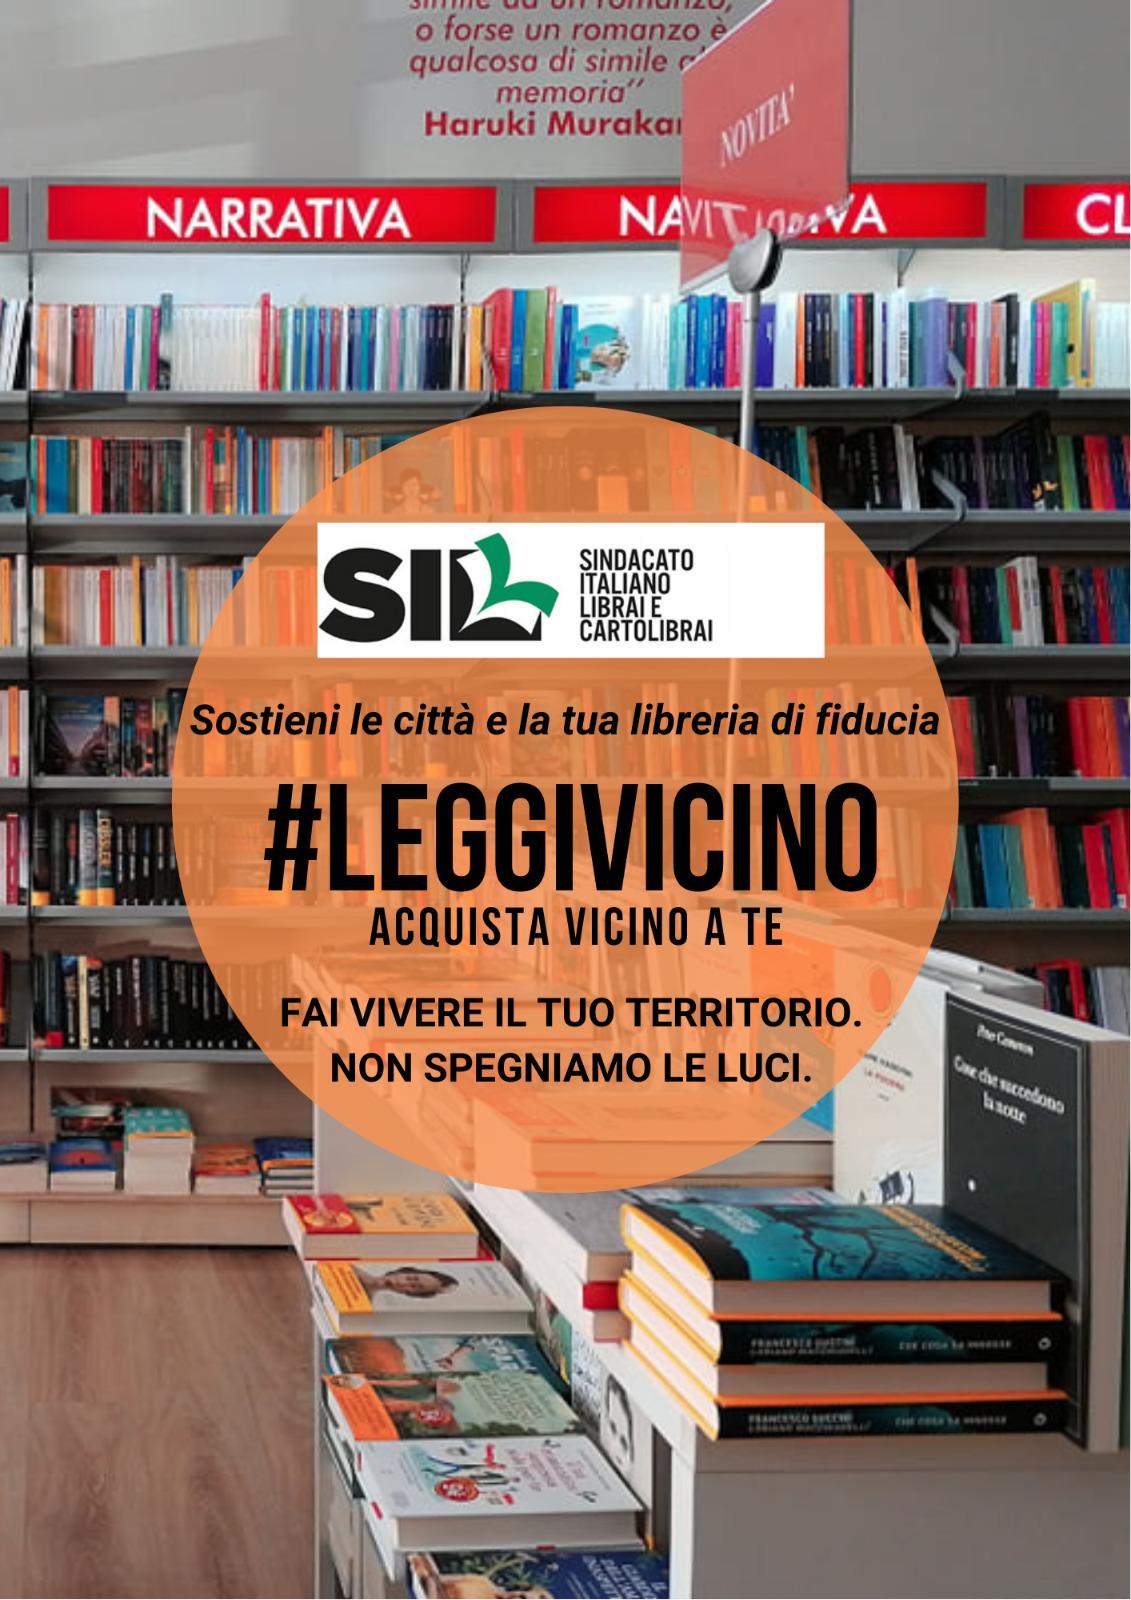 editoria:-sil-confesercenti-da-via-alla-campagna-di-sensibilizzazione-#leggivicino,-a-sostegno-delle-librerie-dei-territori